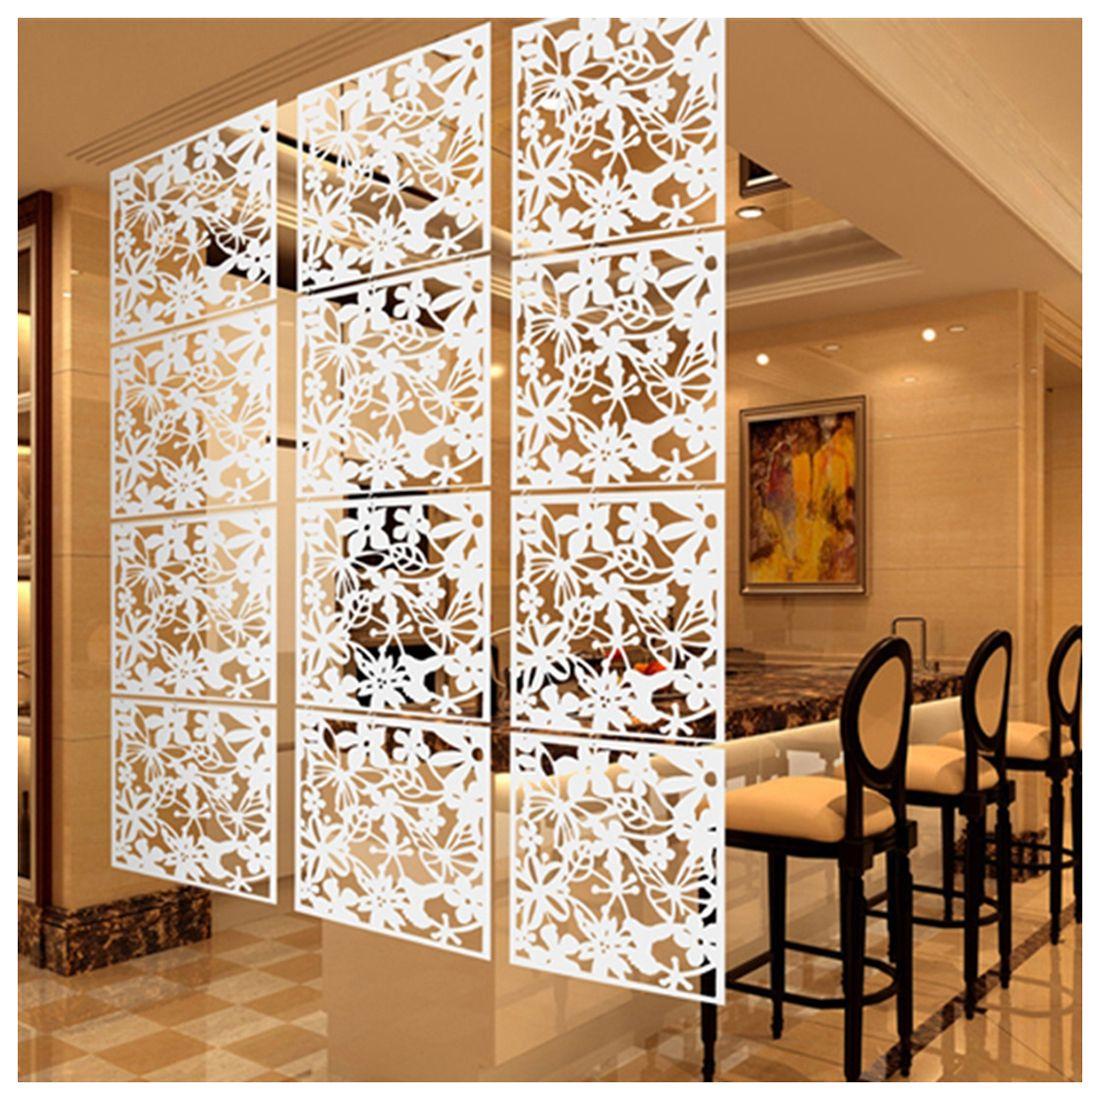 Mode 4 pcs Papillon Oiseau Fleur Suspendus Écran Partition Diviseur Chambre Panneau de Rideau Accueil Décor Blanc